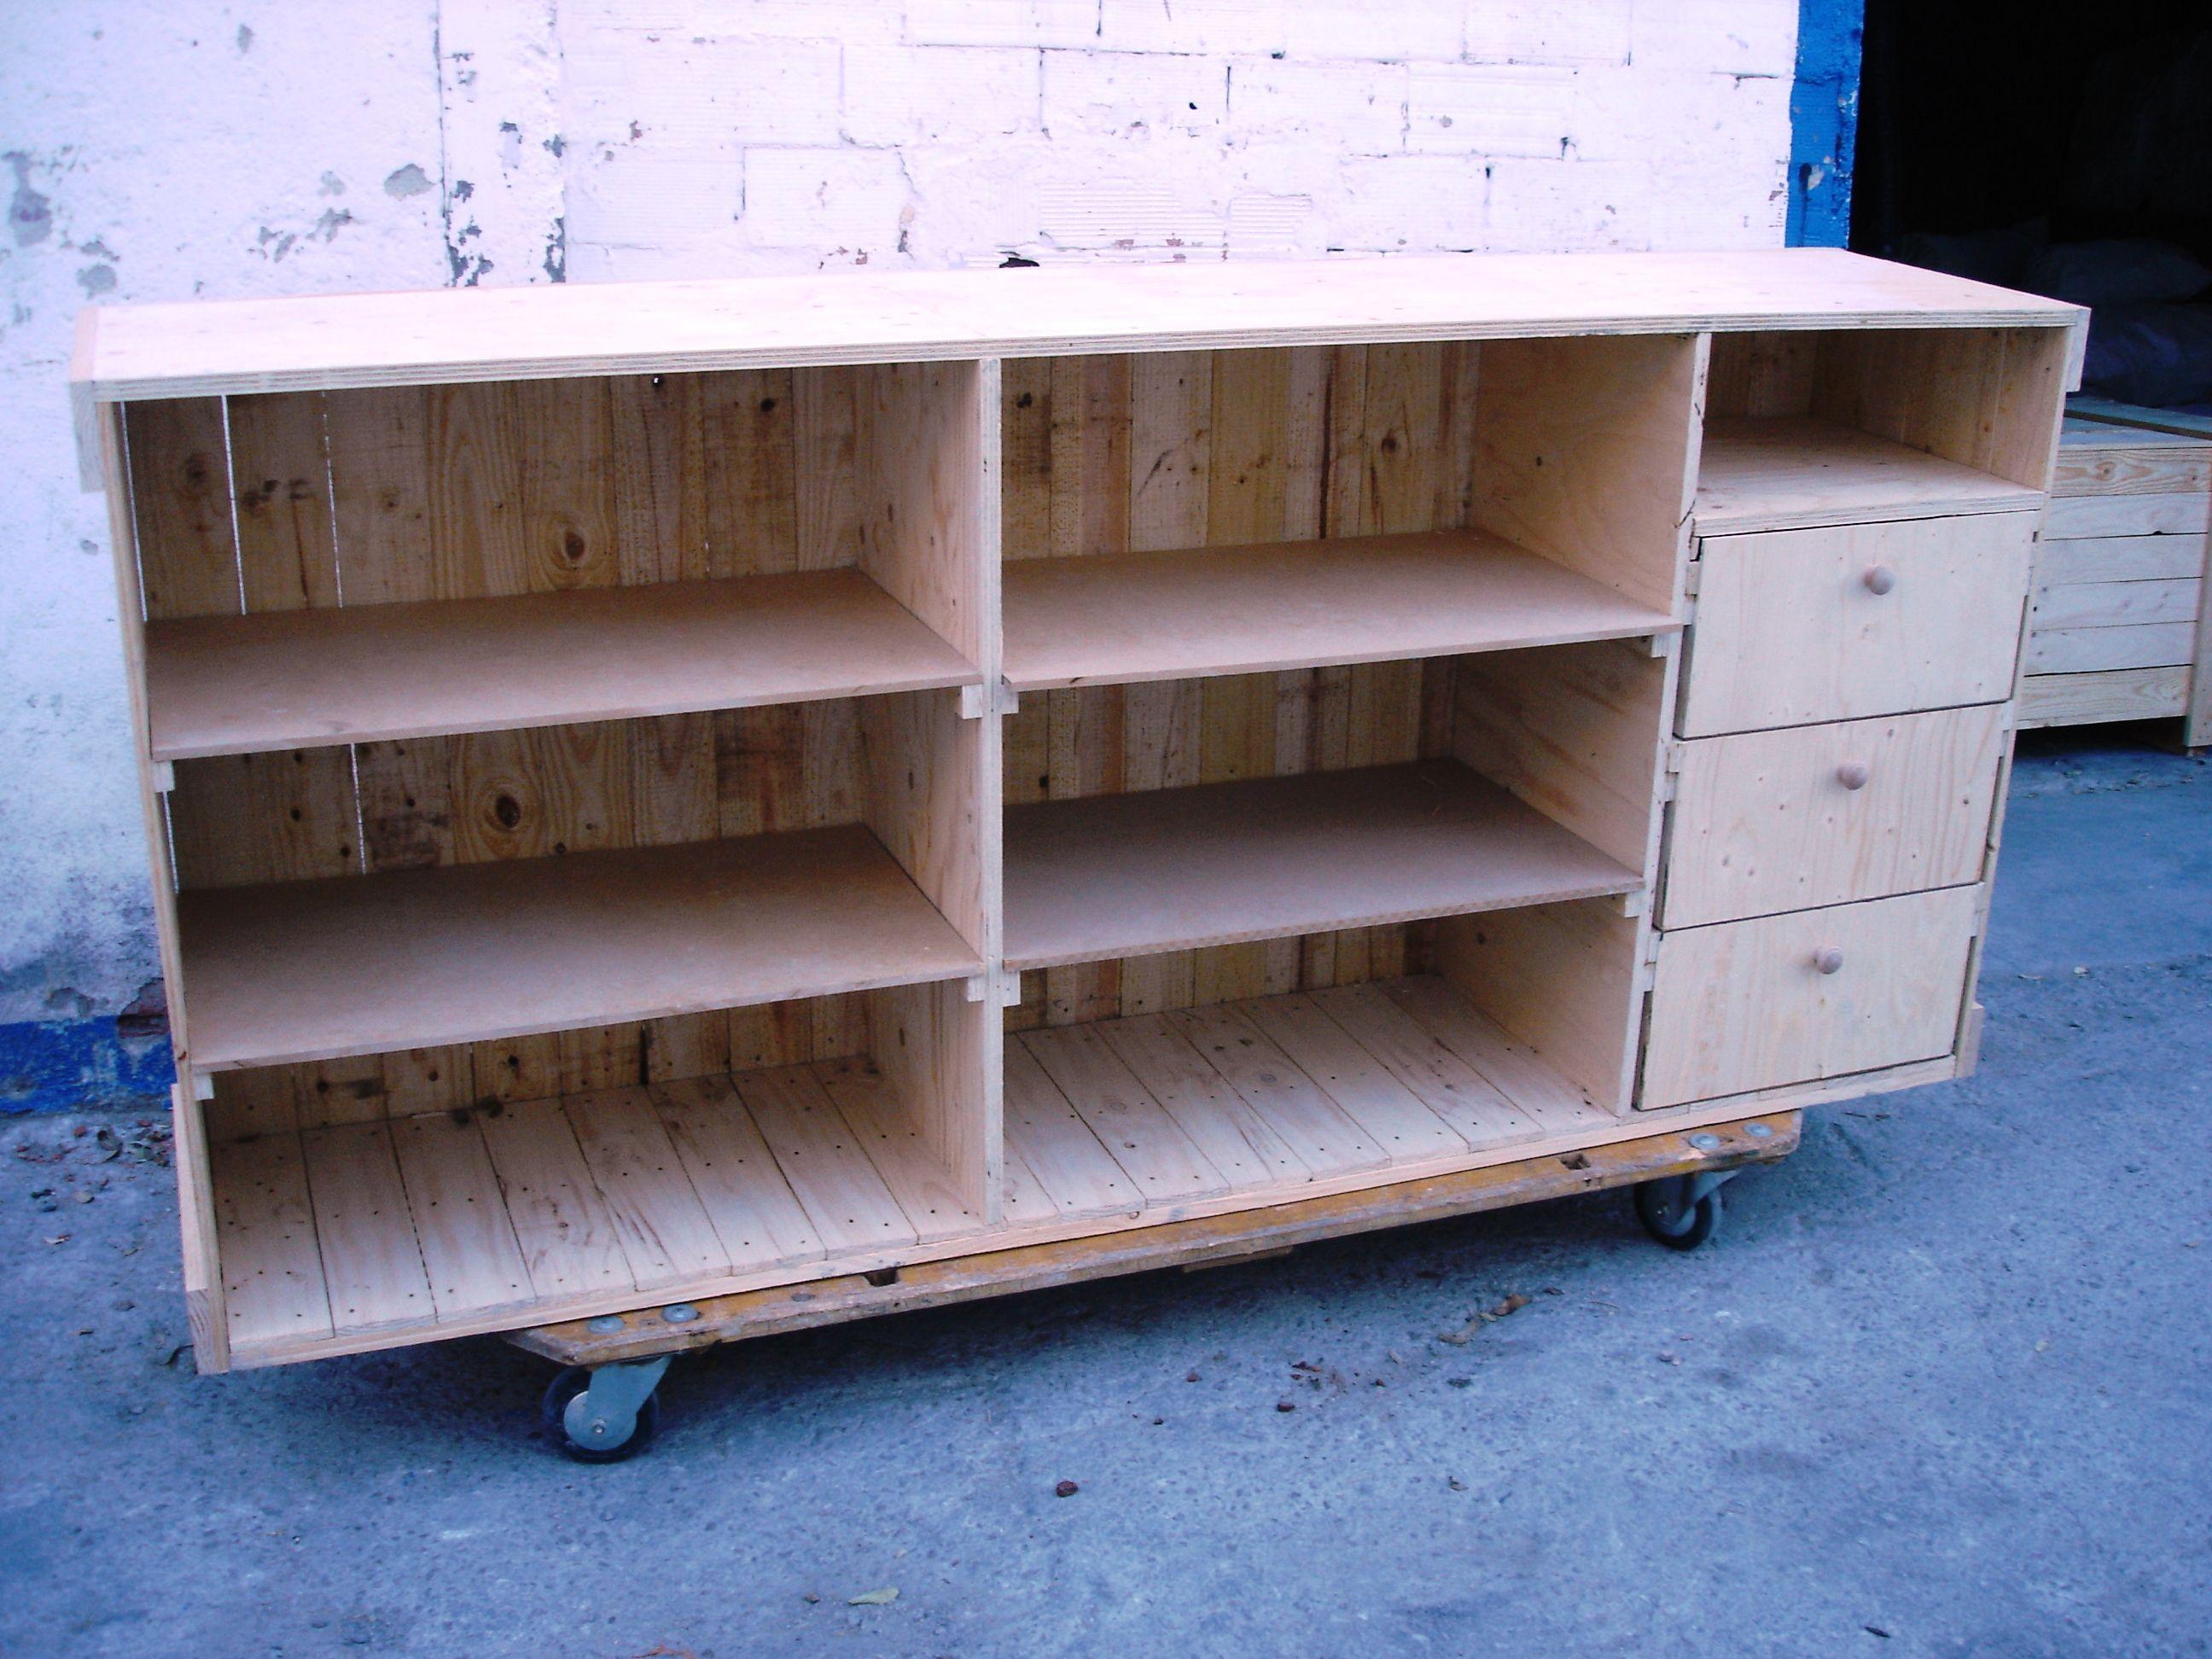 Mostrador hecho con cajas de embalaje | Mostradores y barras para ...